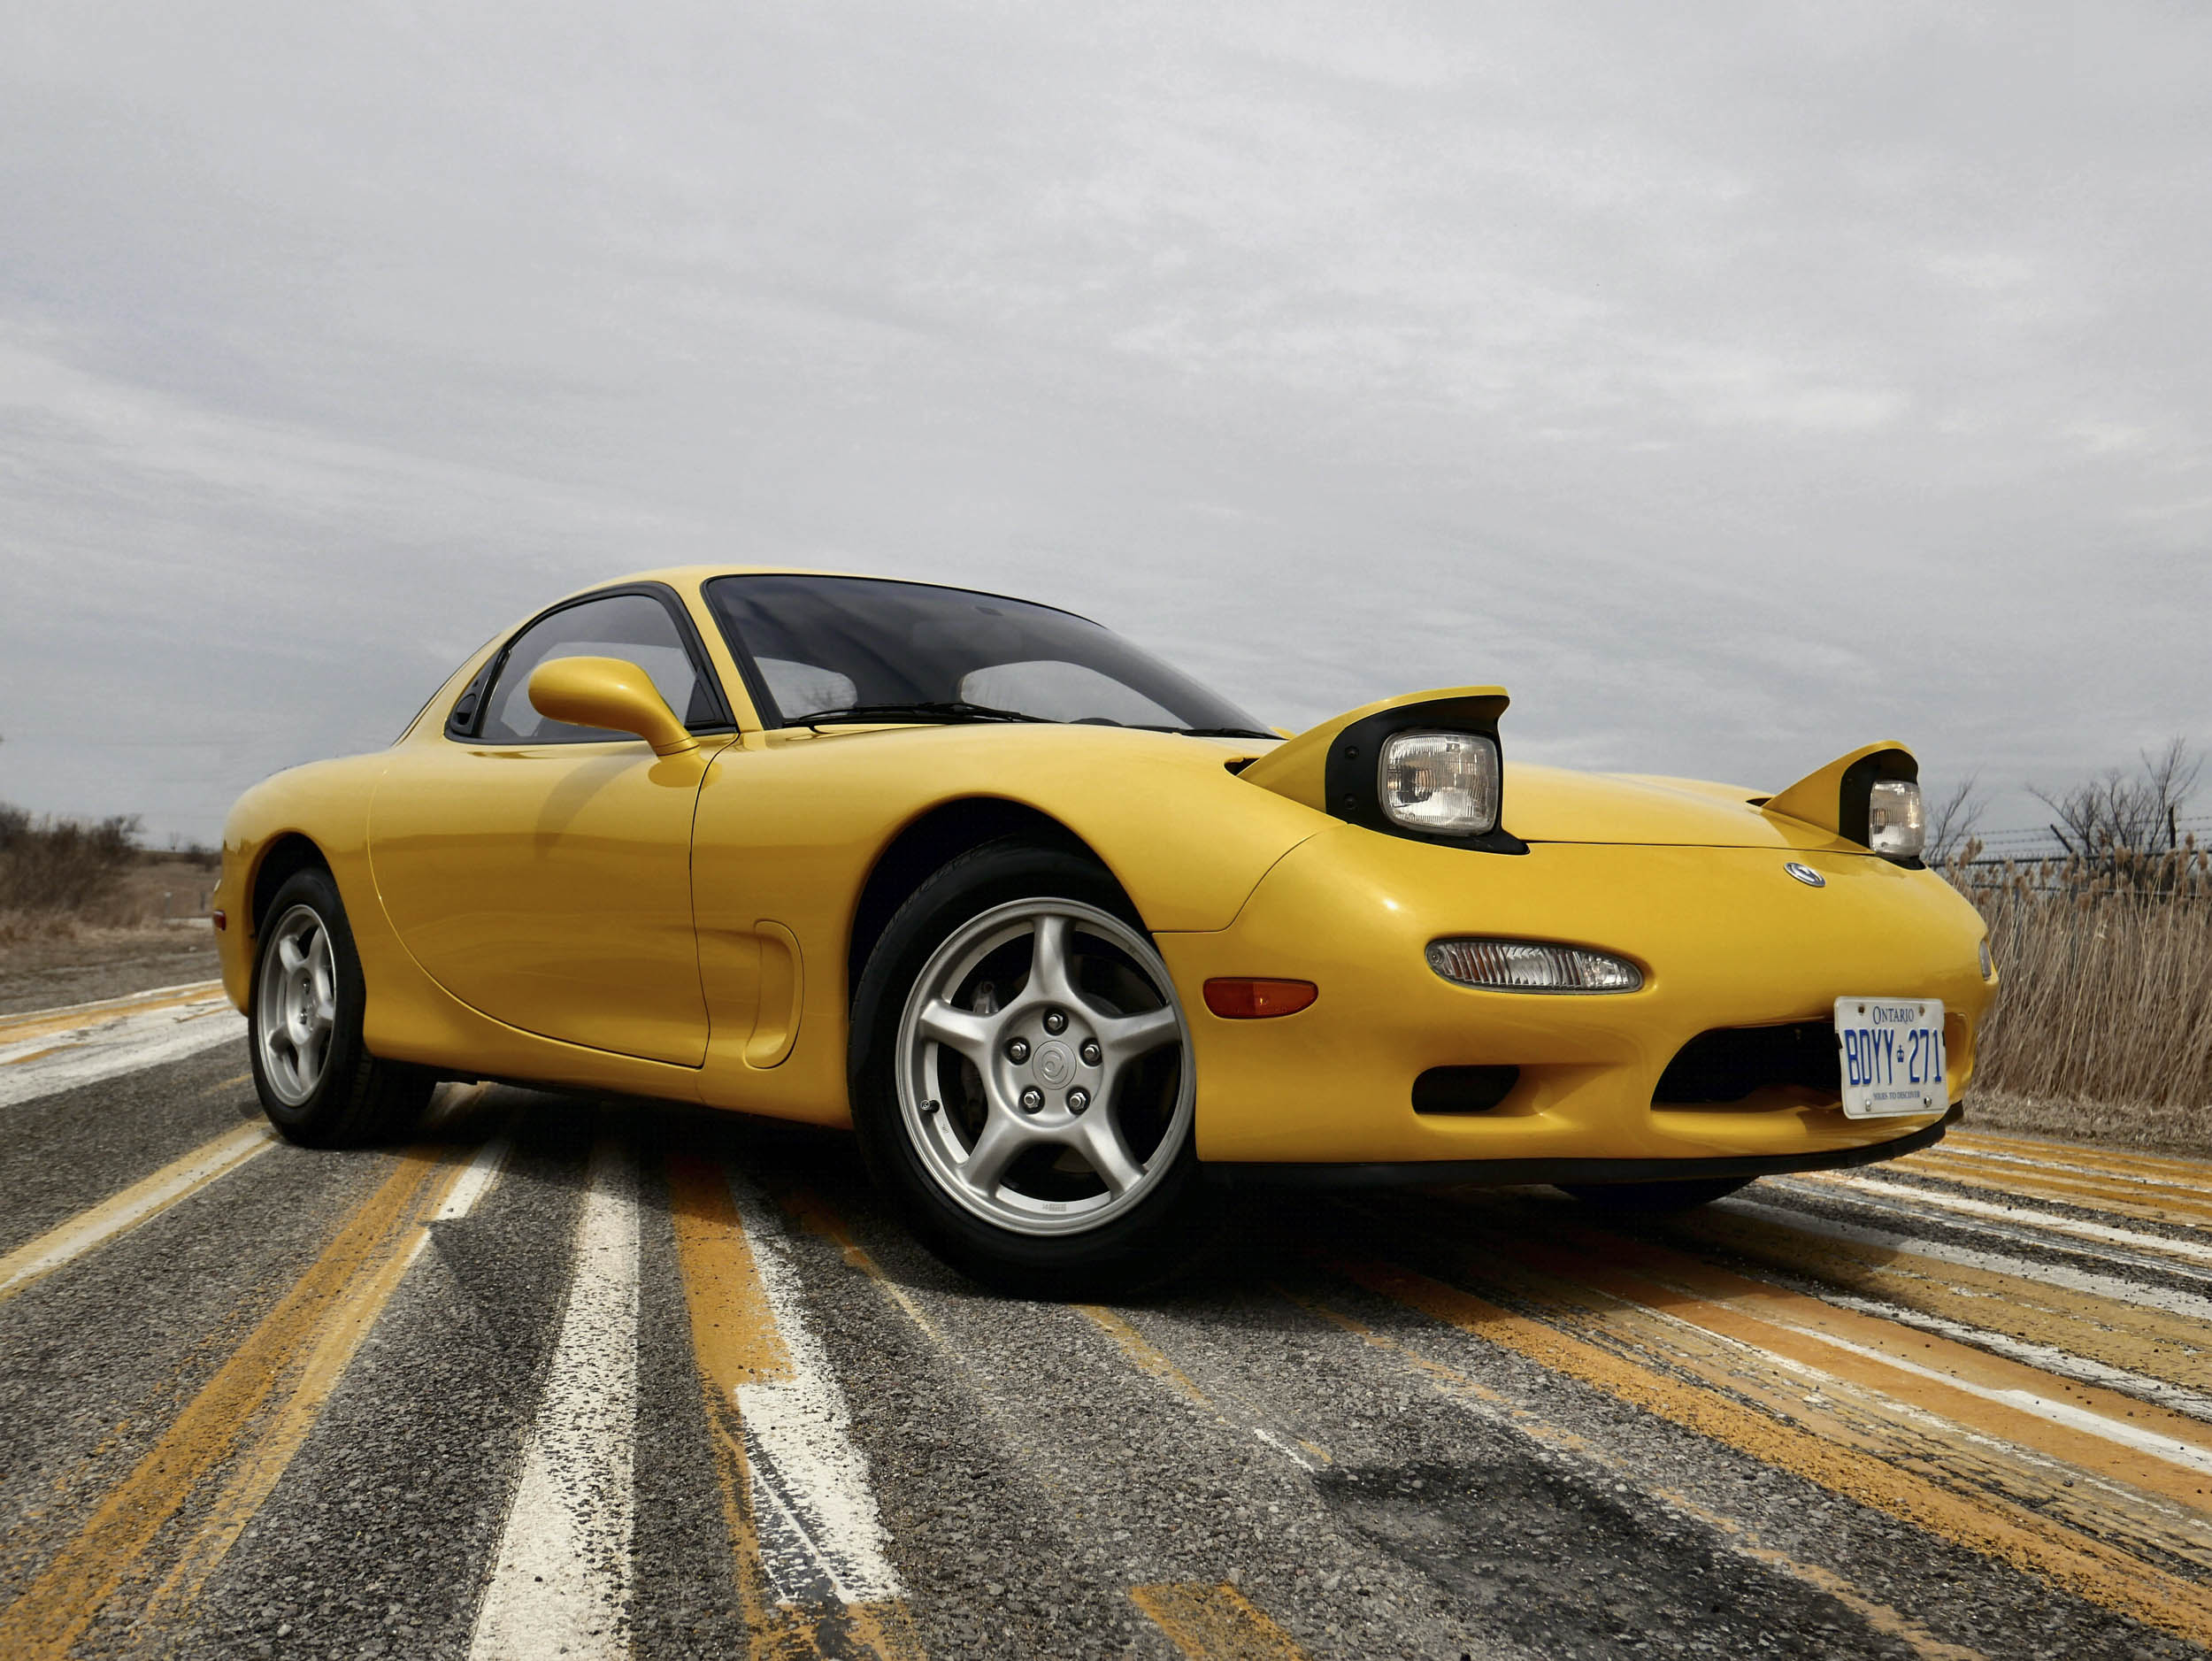 1993 Mazda RX-7 curvy lines